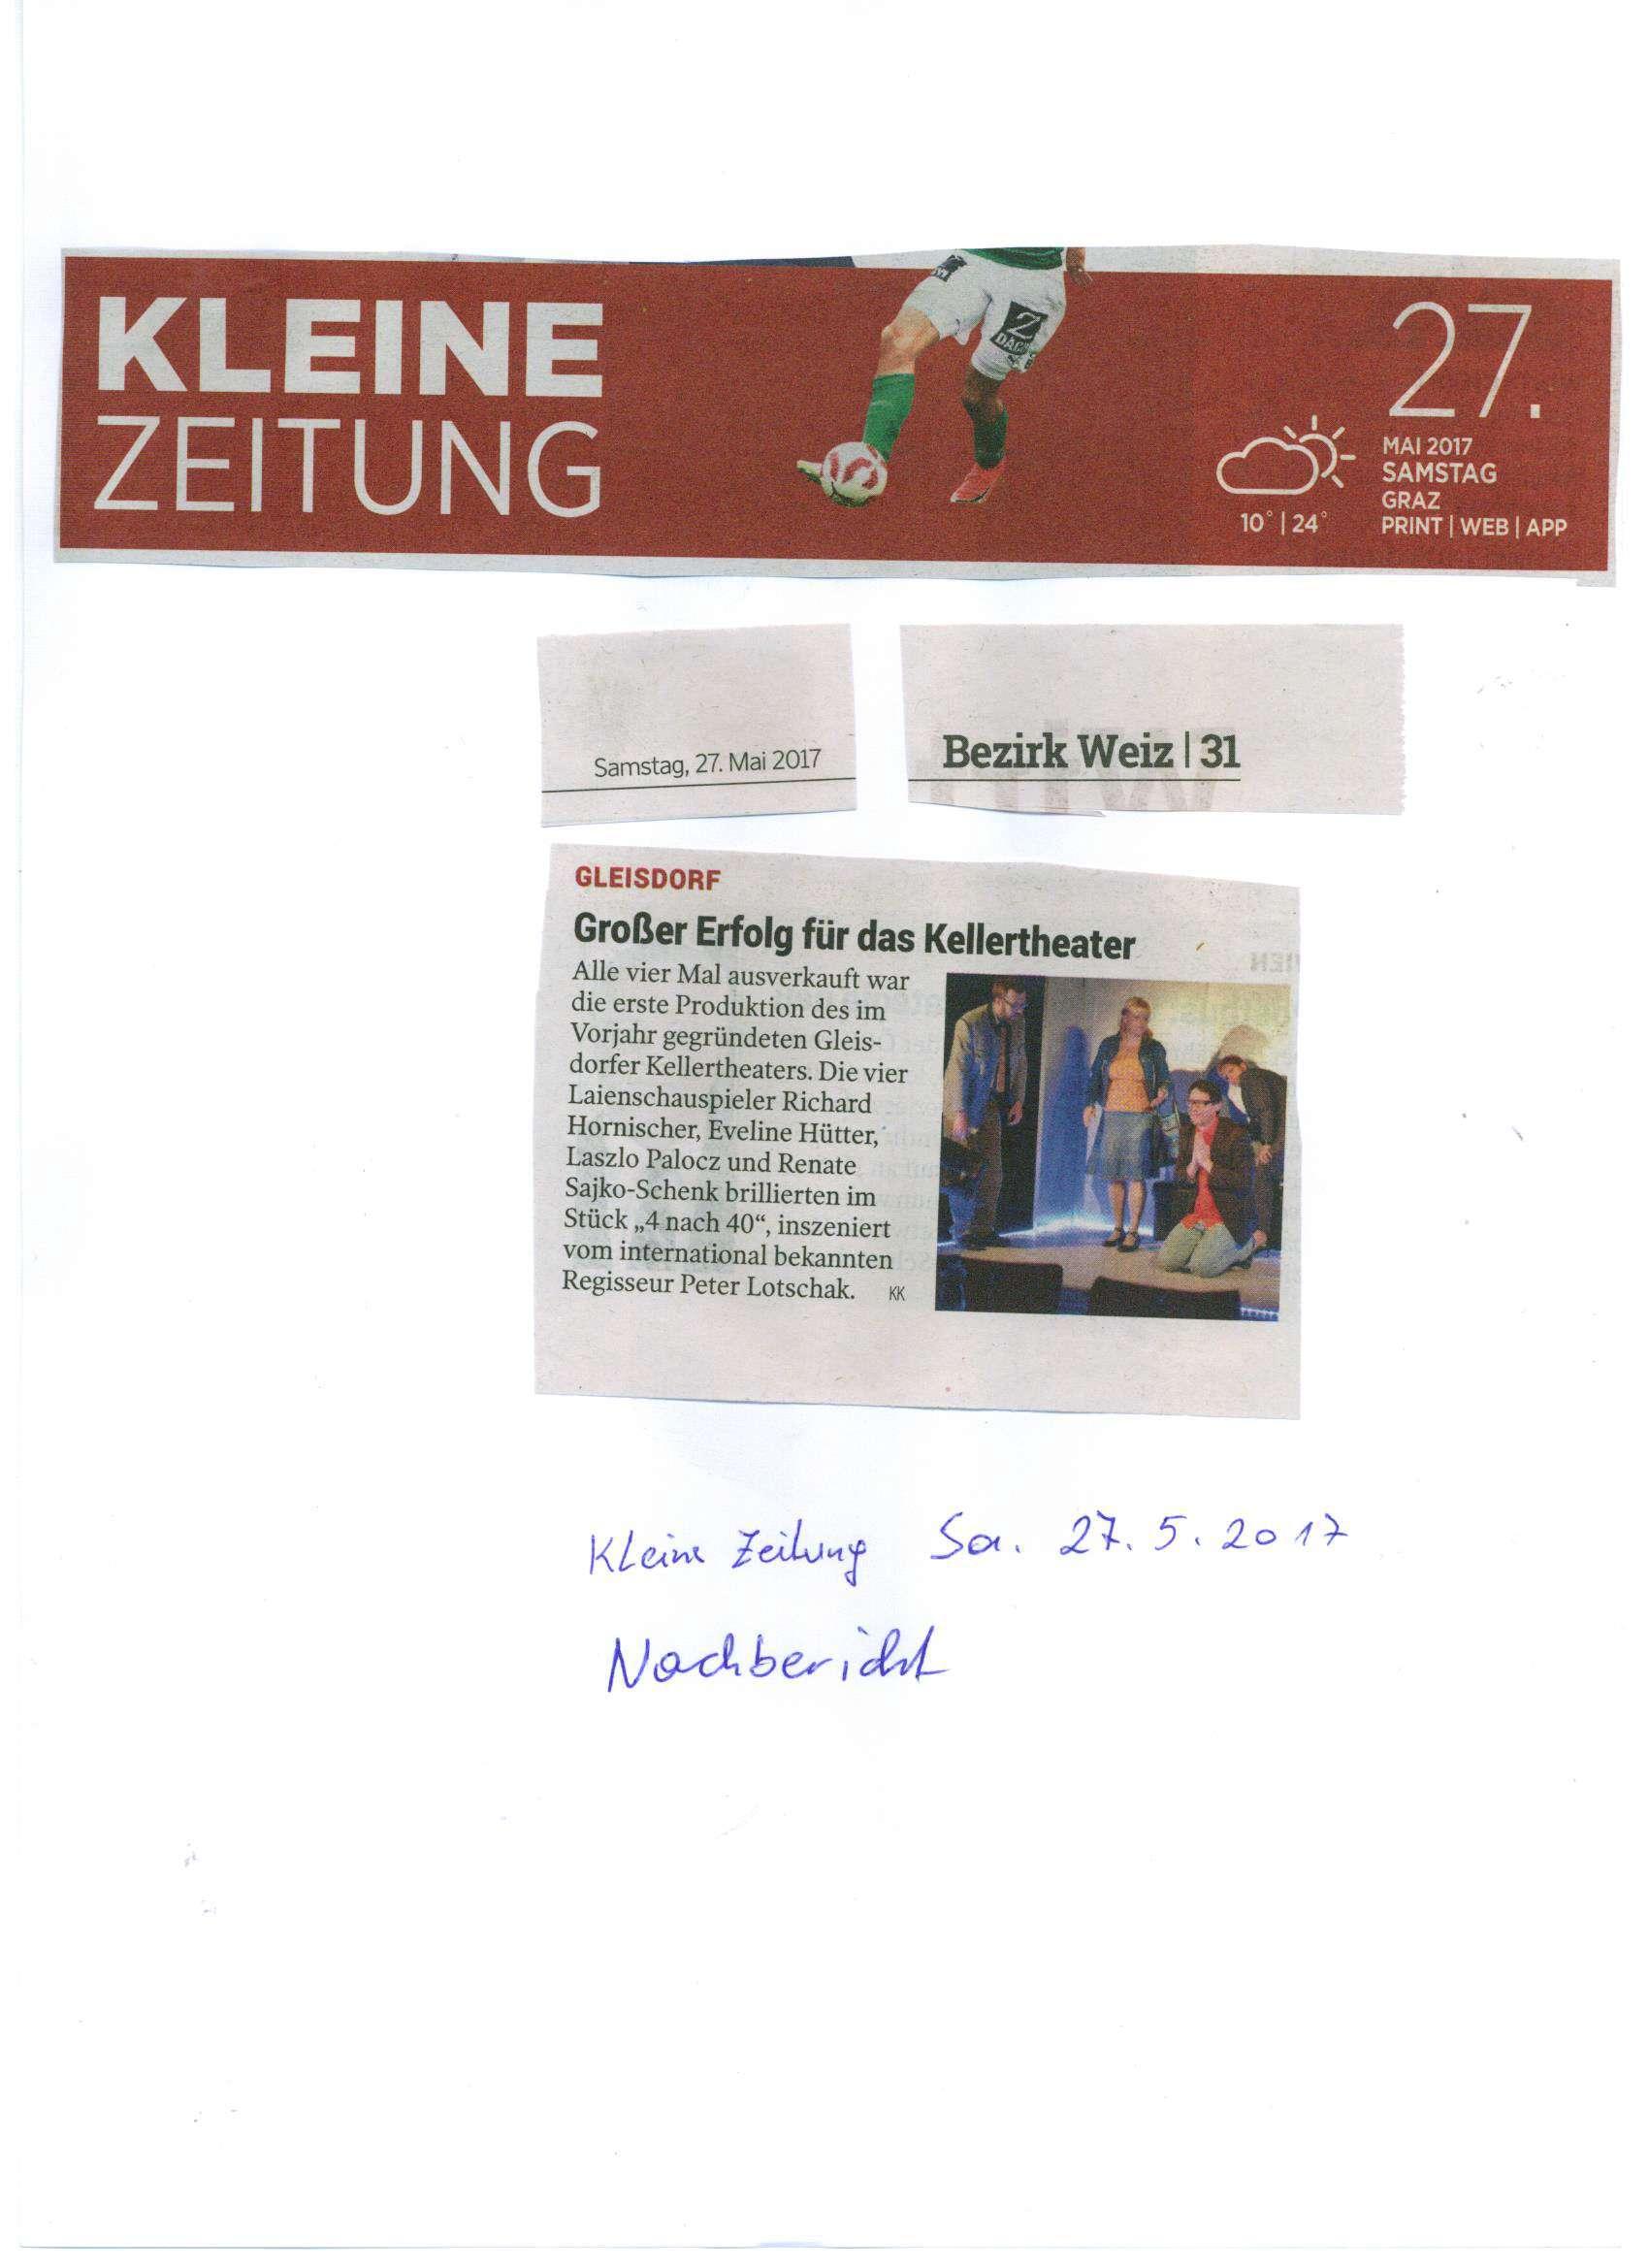 Kleine Zeitung Nachbericht am 27.05.2017